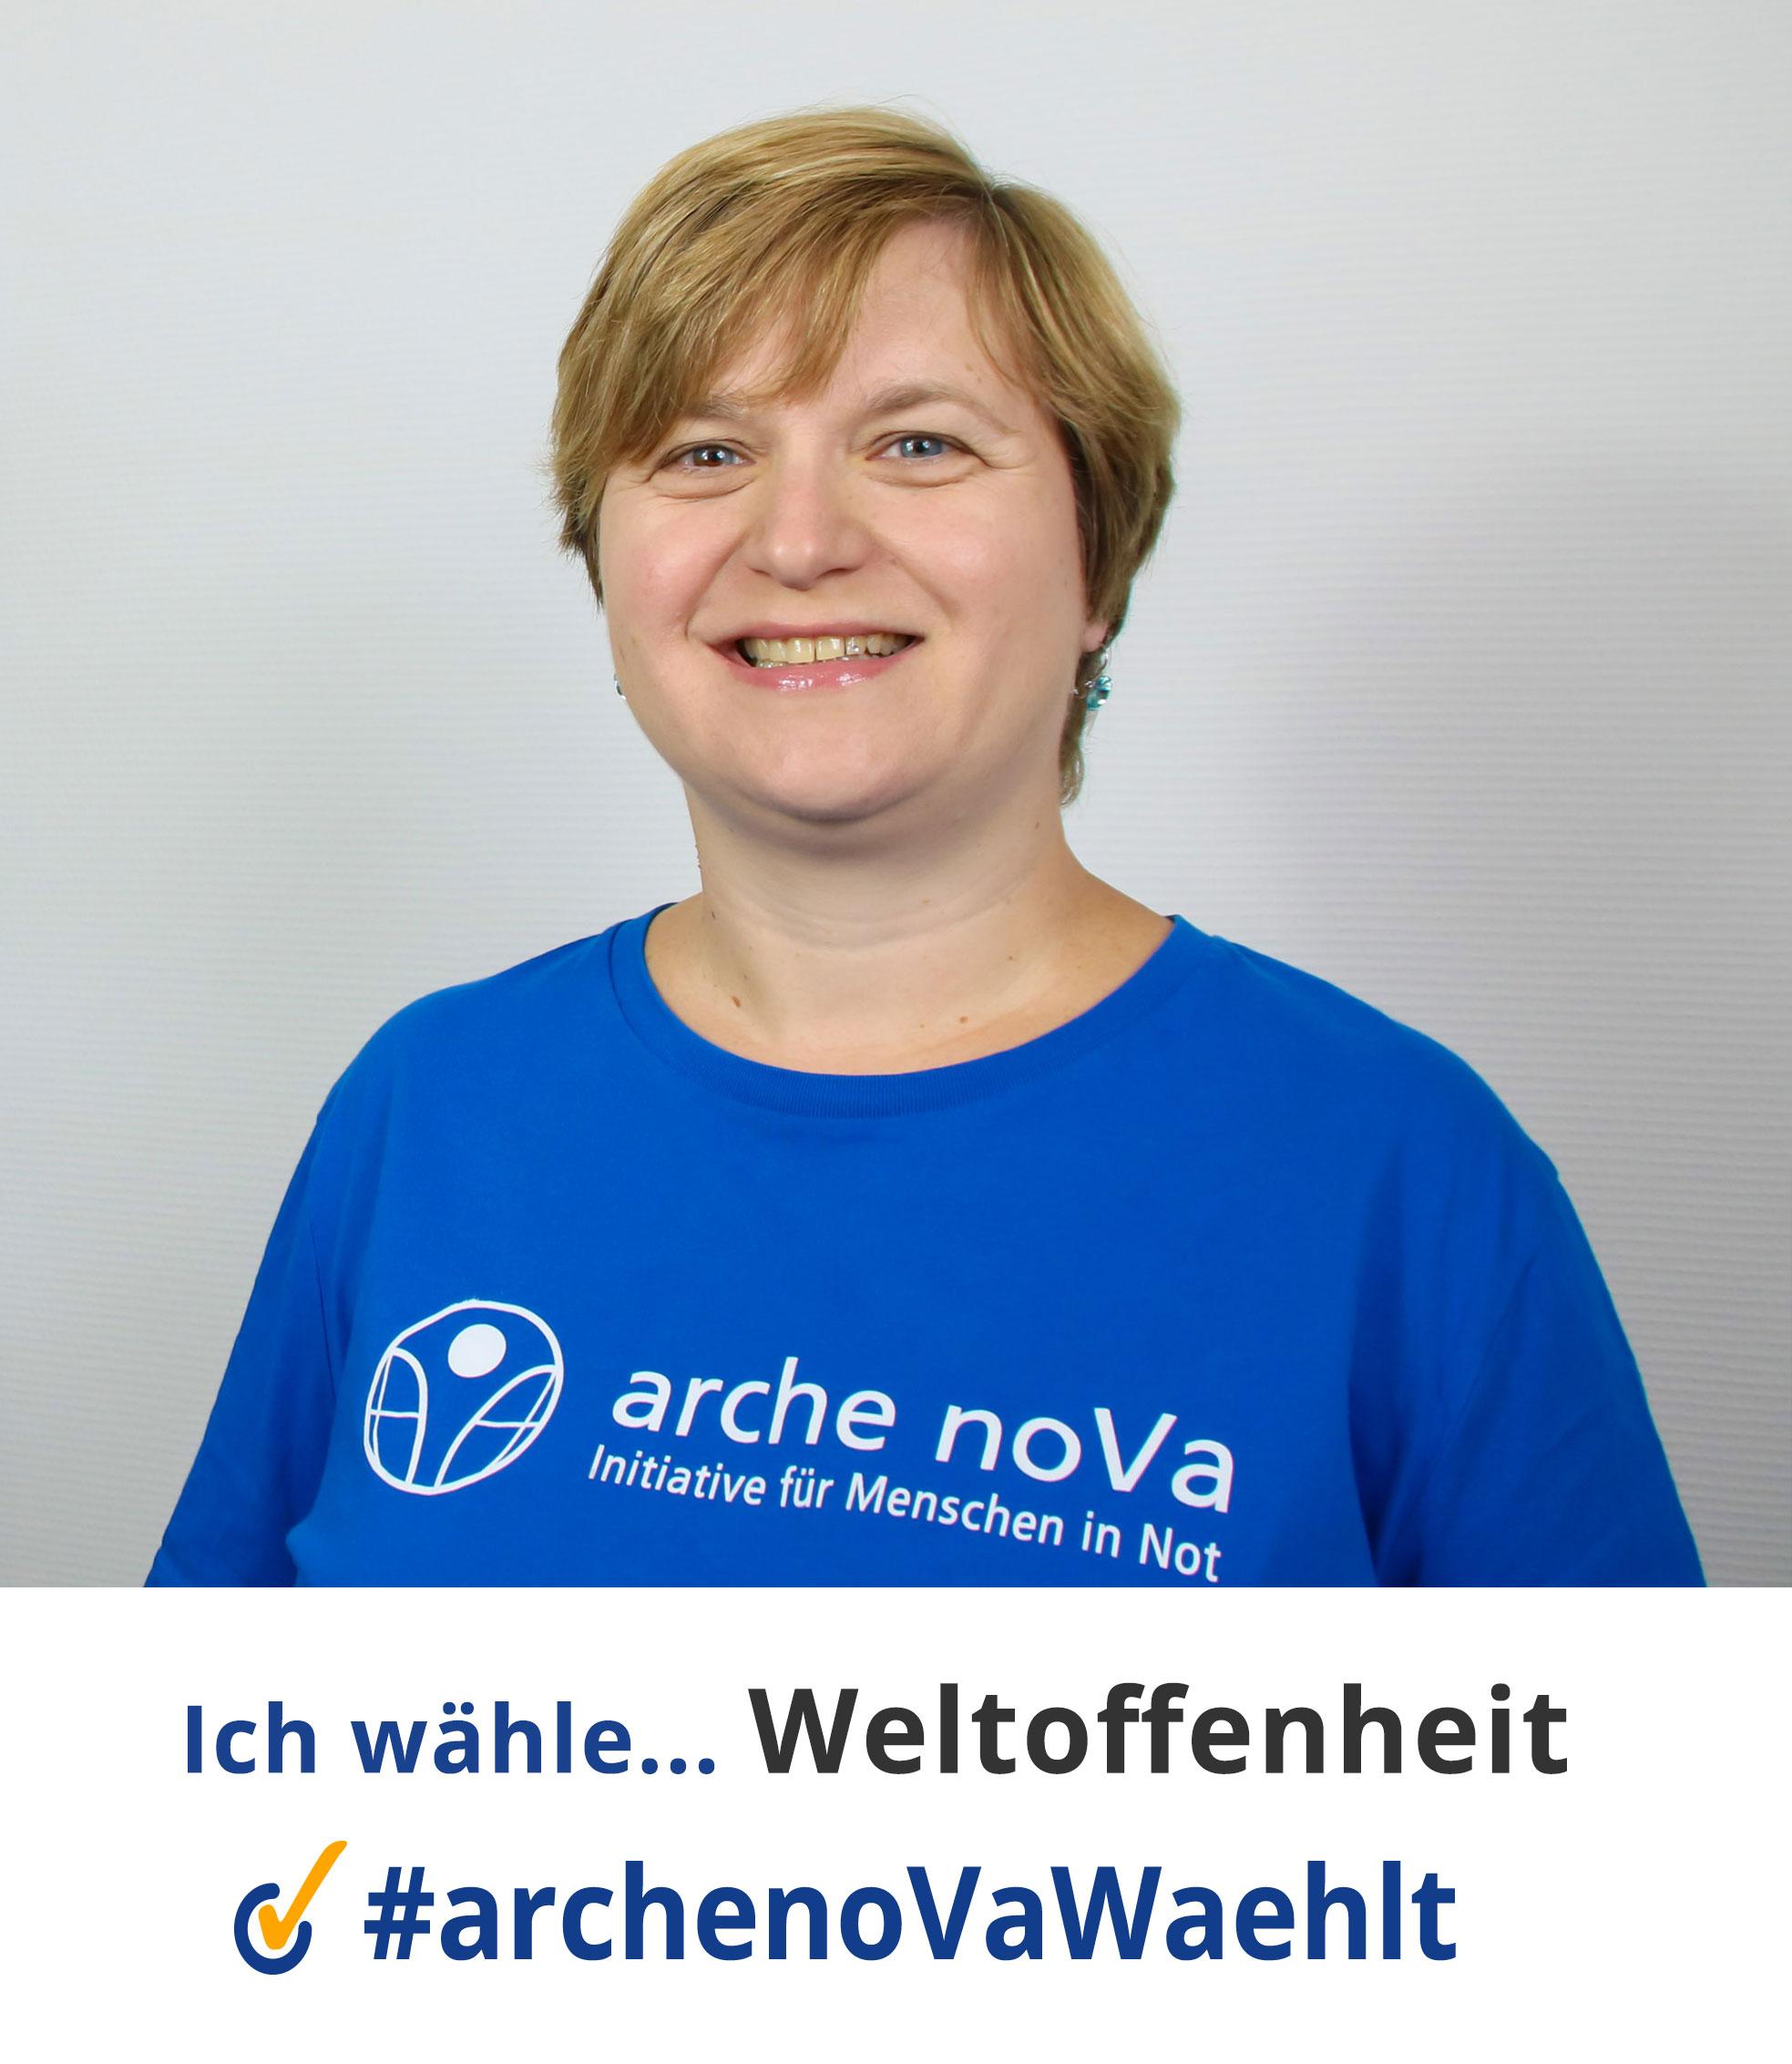 Dana - arche noVa w?hlt zur Landtagswahl in Sachsen 2019